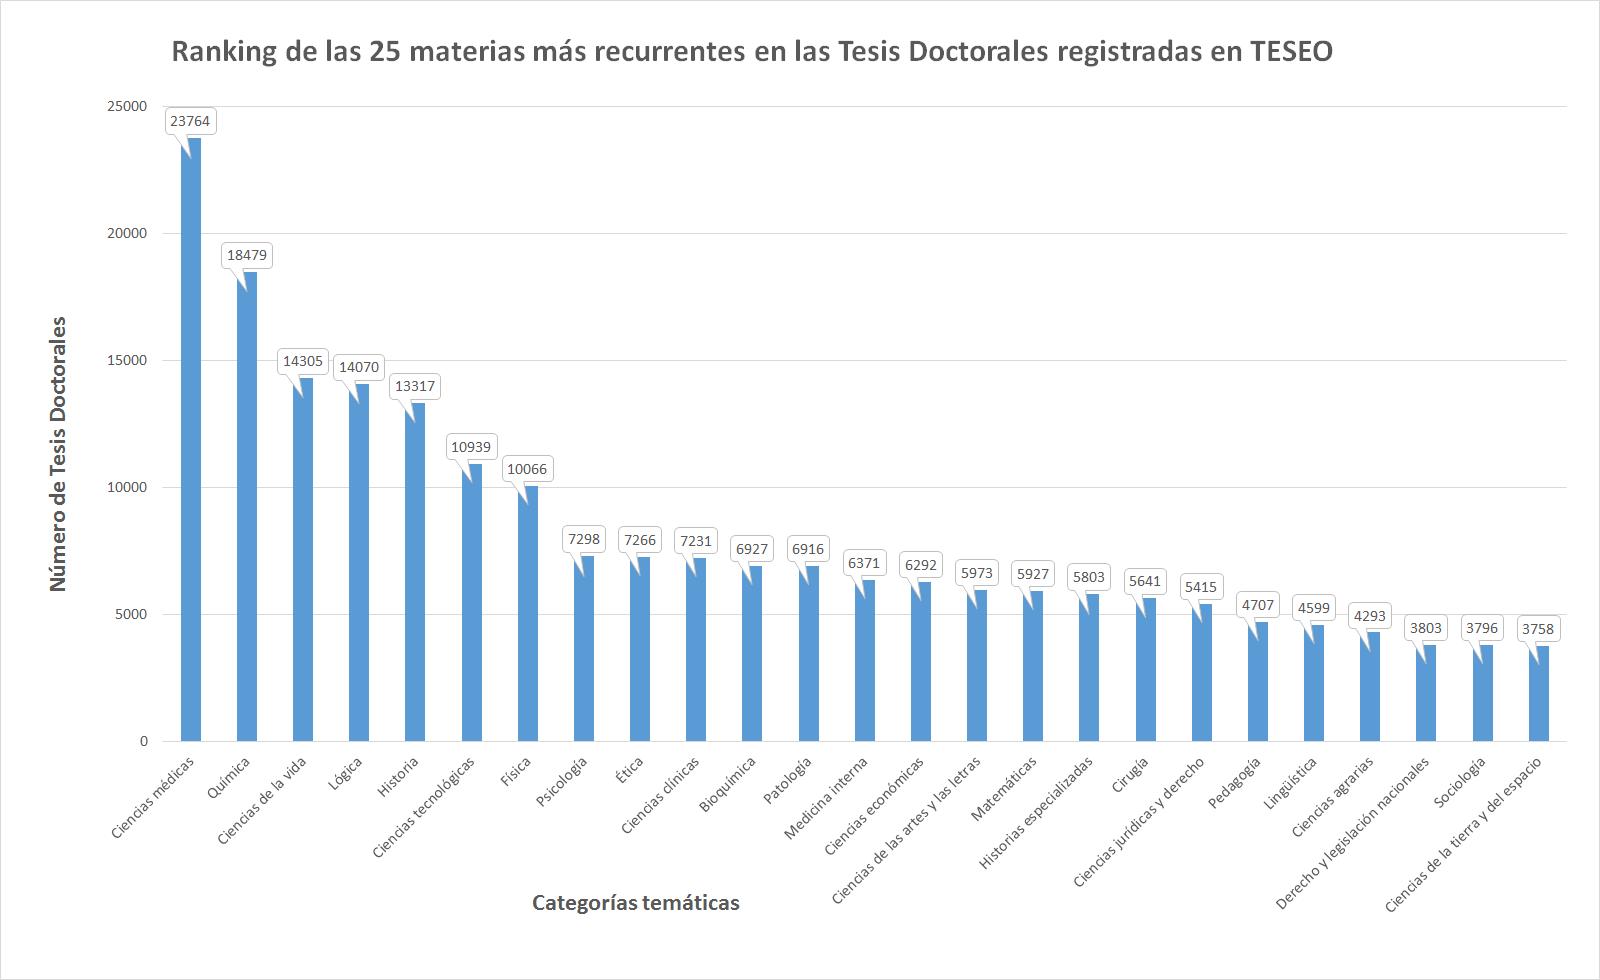 Fig.1. Ranking de las 25 materias más recurrentes en las Tesis Doctorales registradas en TESEO